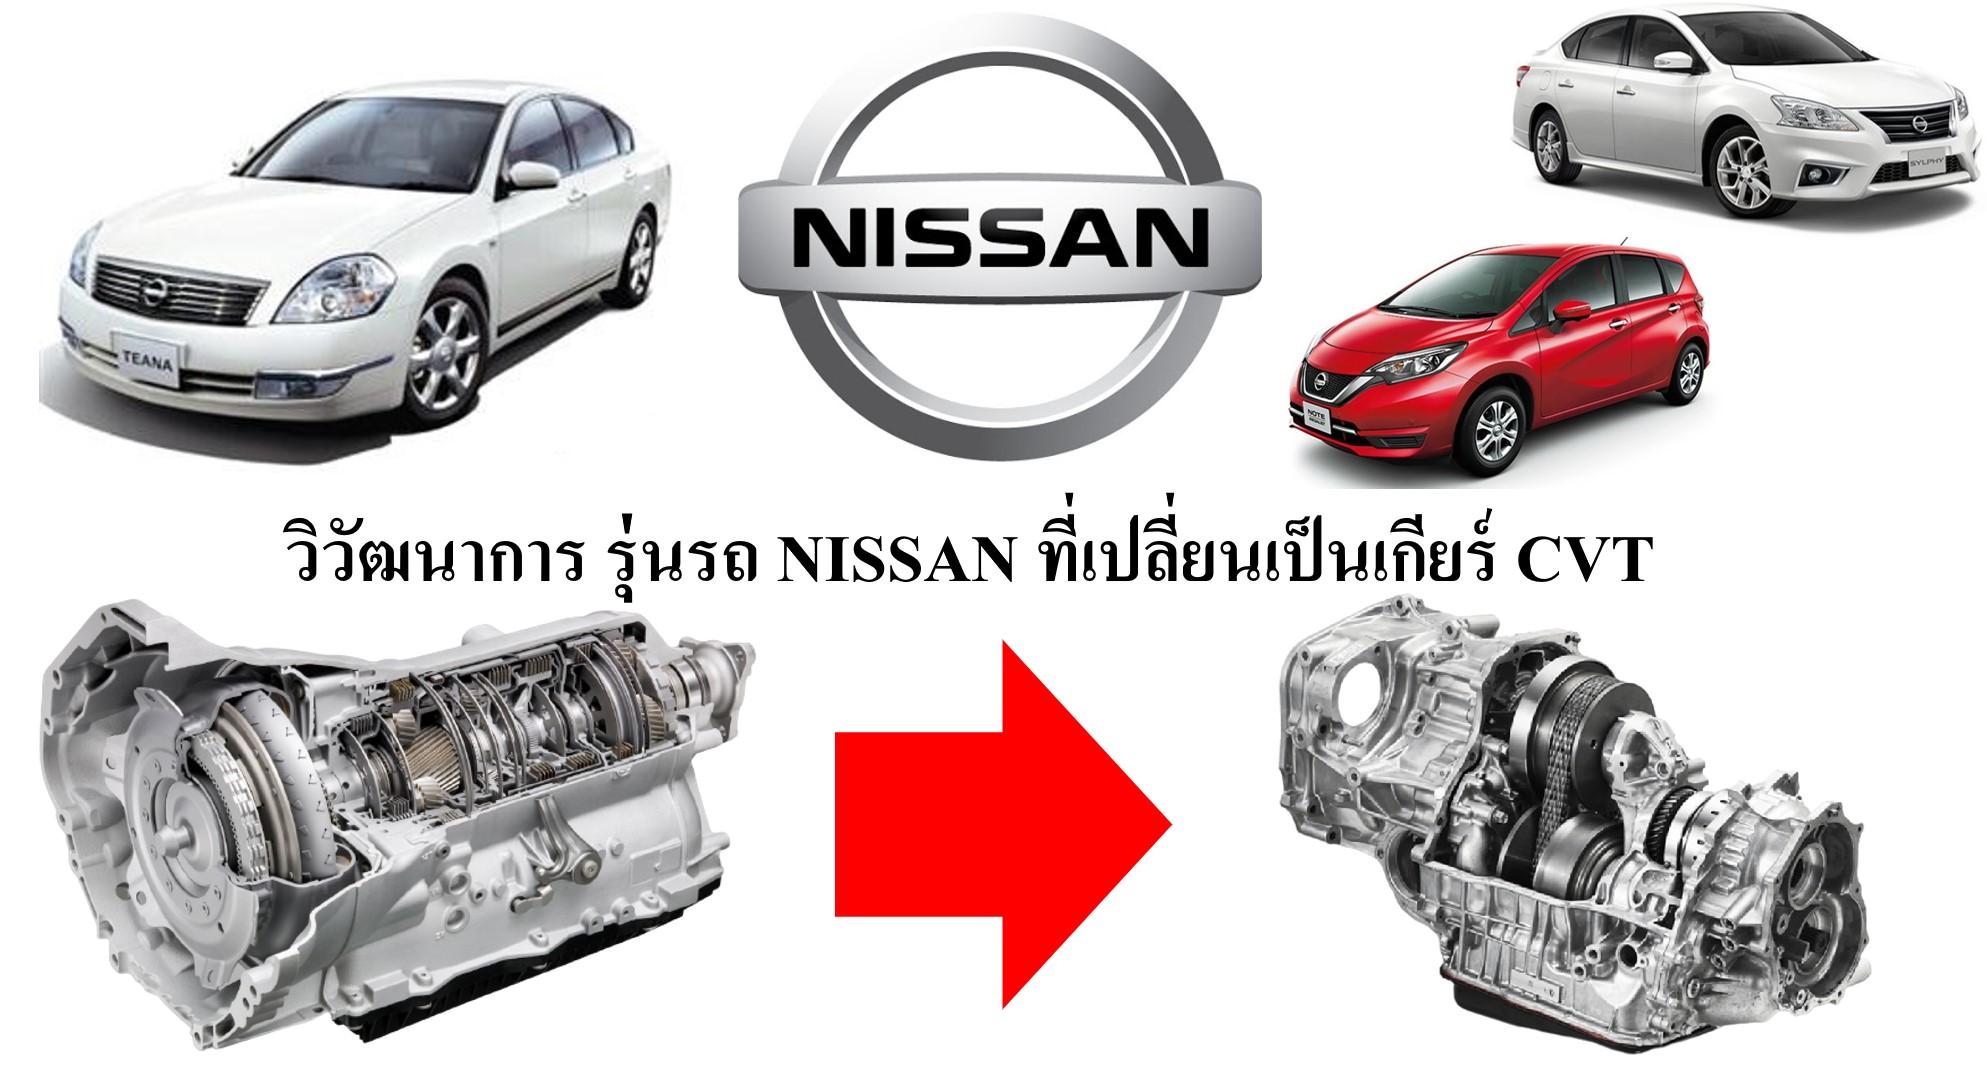 รถ NISSAN ในแต่ละรุ่น ก่อนที่จะเปลี่ยนมาเป็นเกียร์ CVT